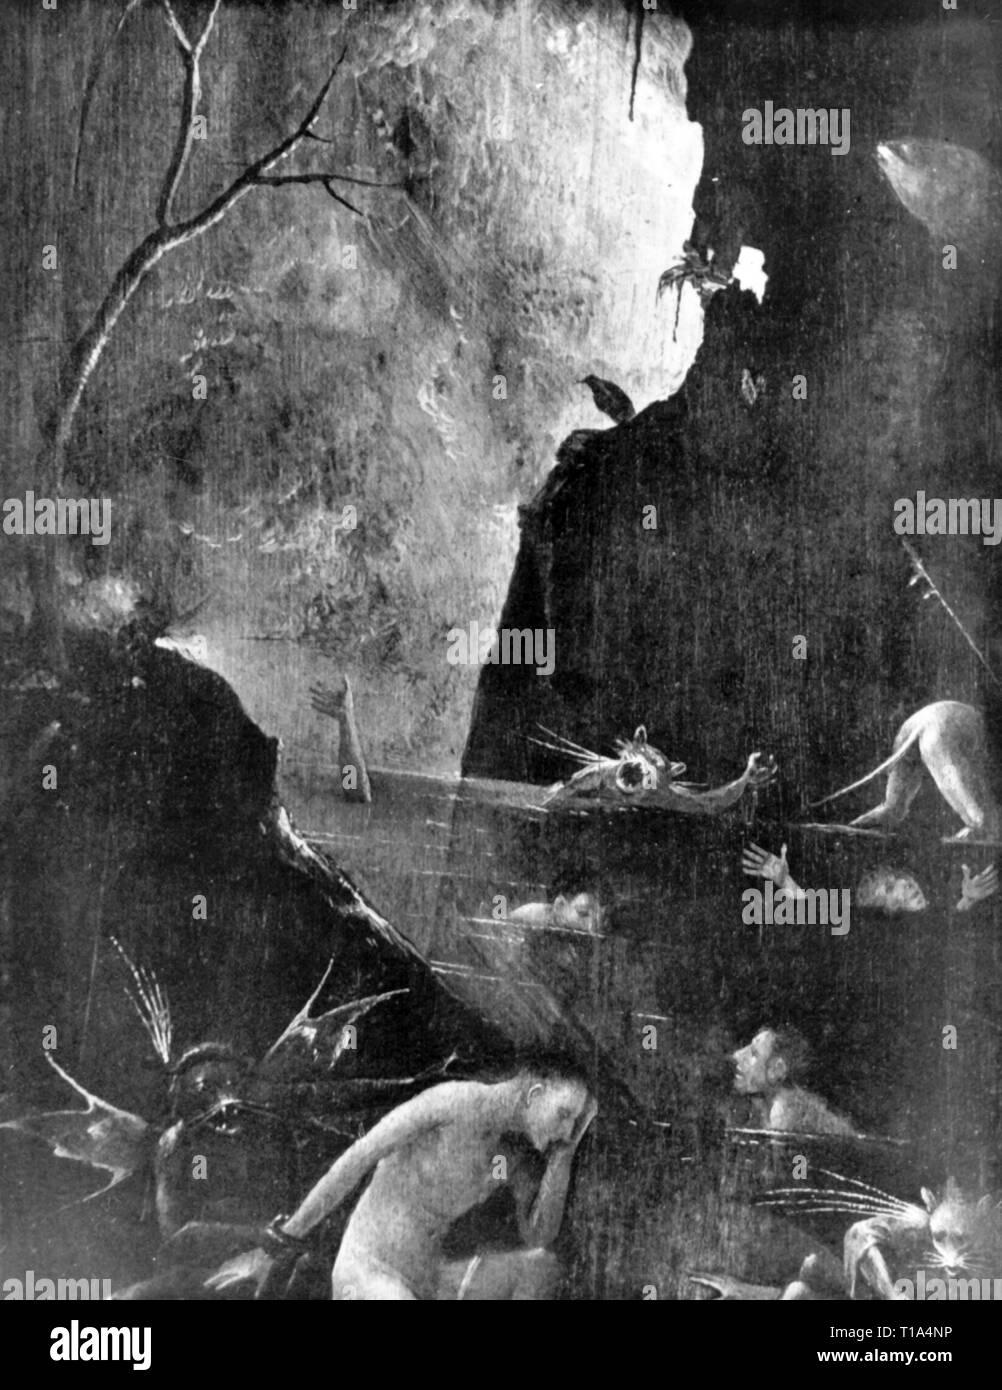 La religion, le christianisme, l'enfer, peinture, de Jérôme Bosch (vers 1450 - 1516), 1505 - 1515, huile sur panneau, détail, du Palais des Doges, Venise, l'artiste n'a pas d'auteur pour être effacé Photo Stock